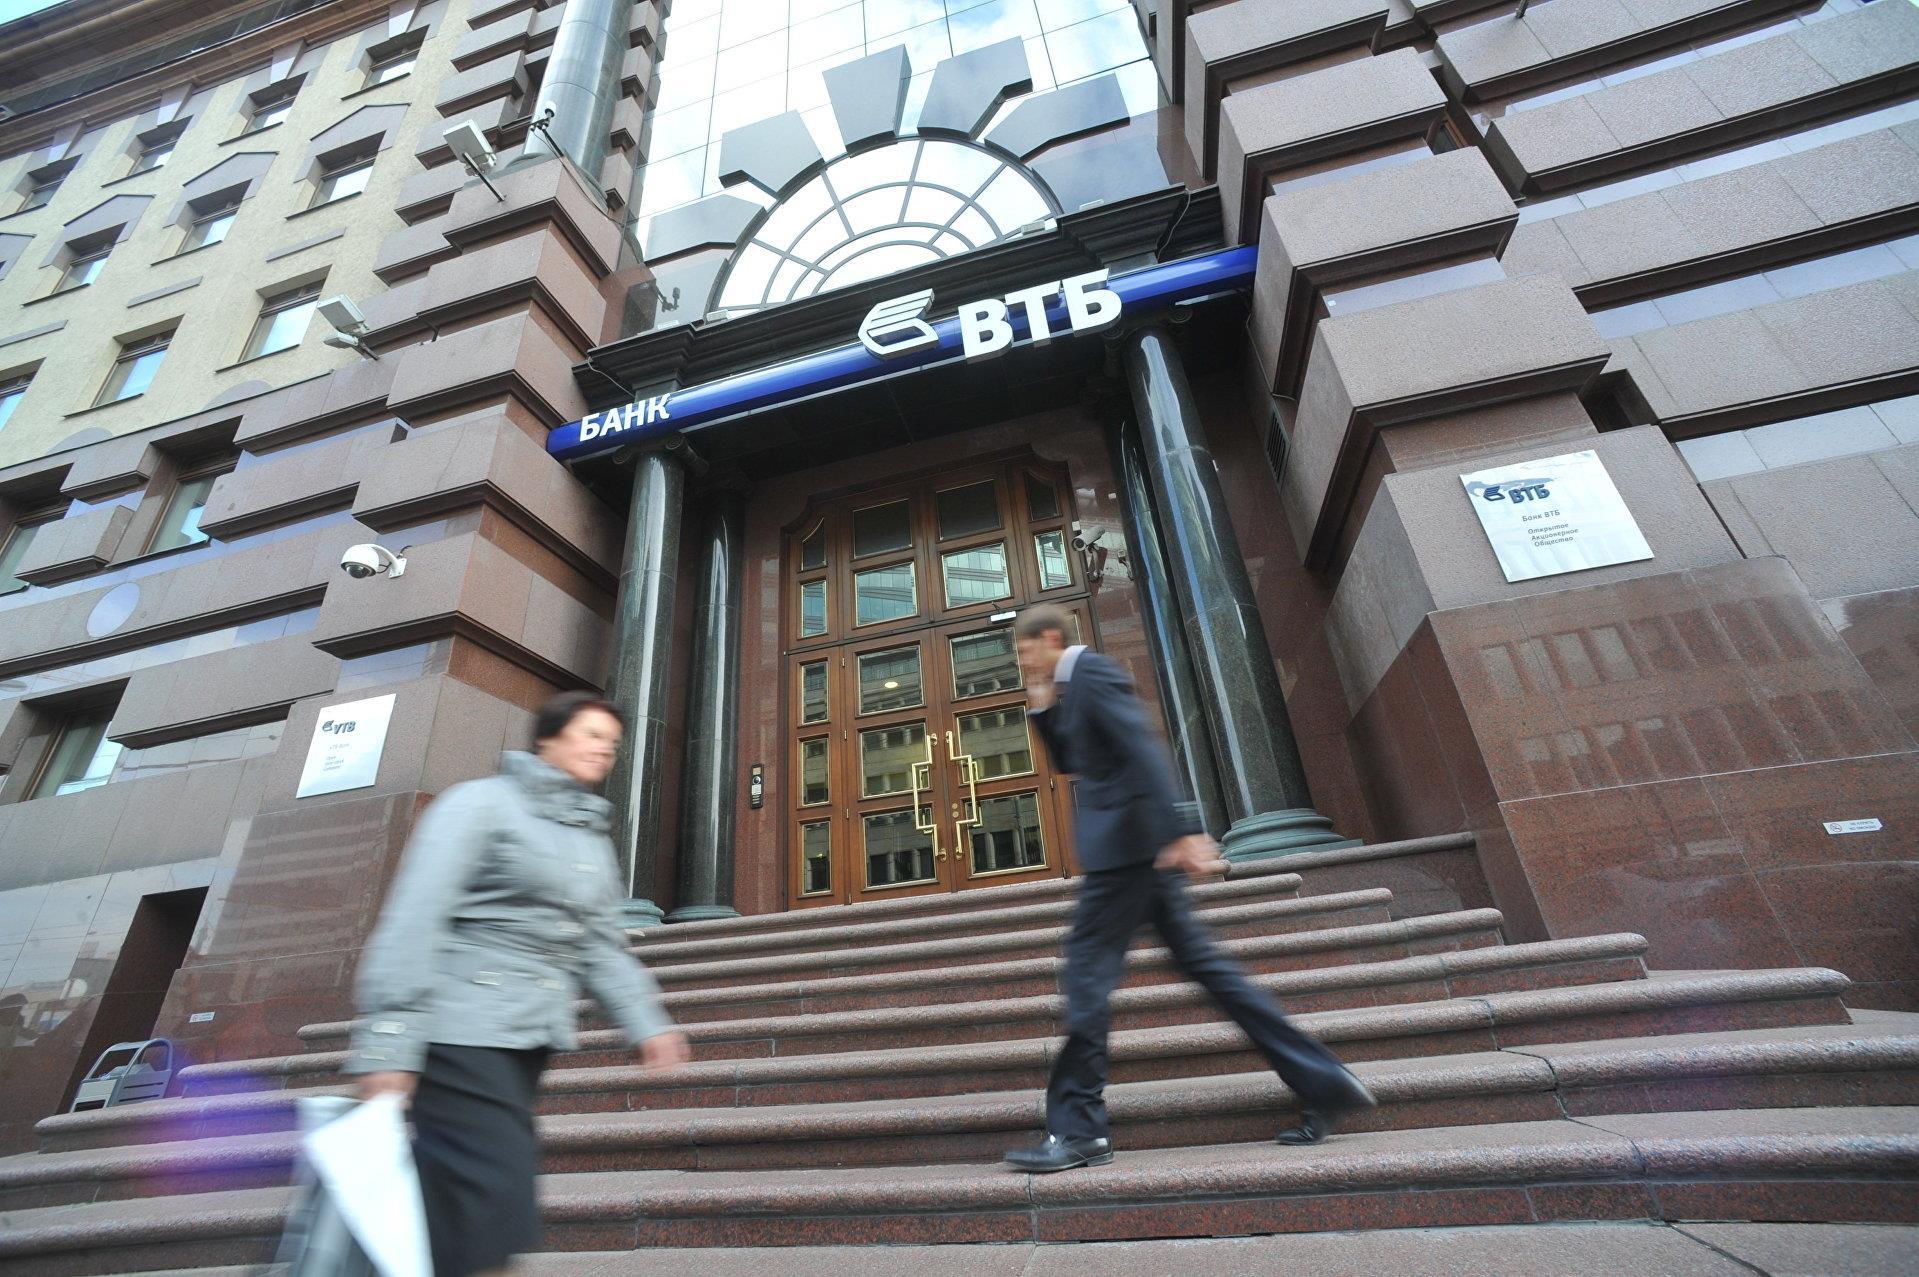 банк втб 24 волгоград официальный сайт личный кабинет кредит европа банк отзывы сотрудников москва специалист по взысканию